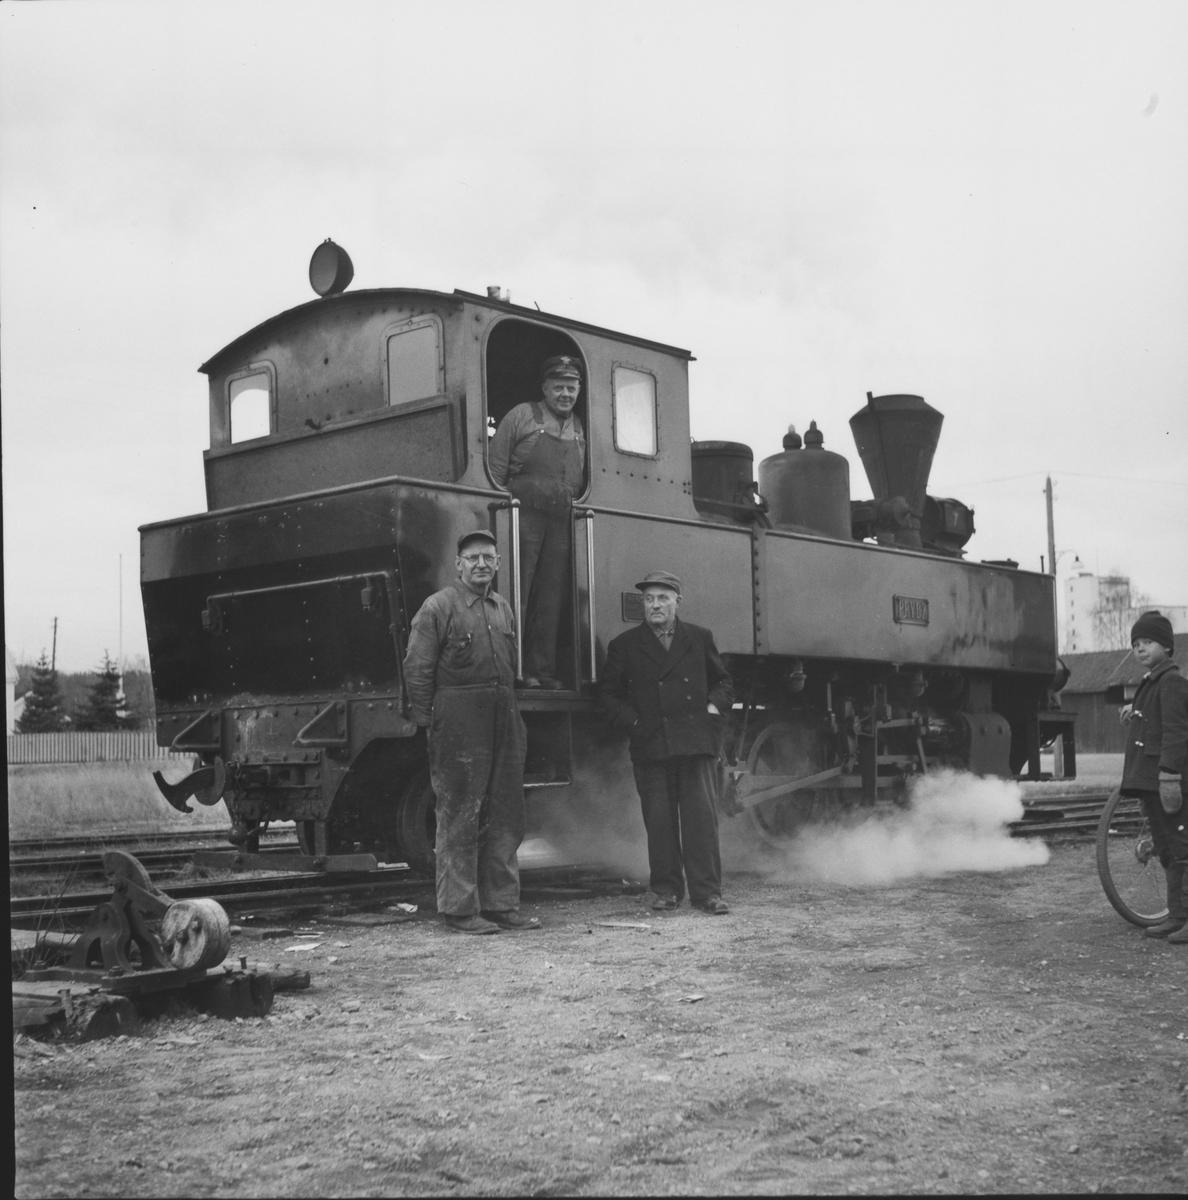 Lok 7 Prydz skal kjøre fra Bjørkelangen for siste gang, og ha med seg lok 2 Urskog og tre personvogner som skal transporteres til Jernbanemuseet på Hamar.De tre avbildede personer tilbragte nesten hele sitt yrkesaktive liv i tjeneste på Urskog-Hølandsbanen.